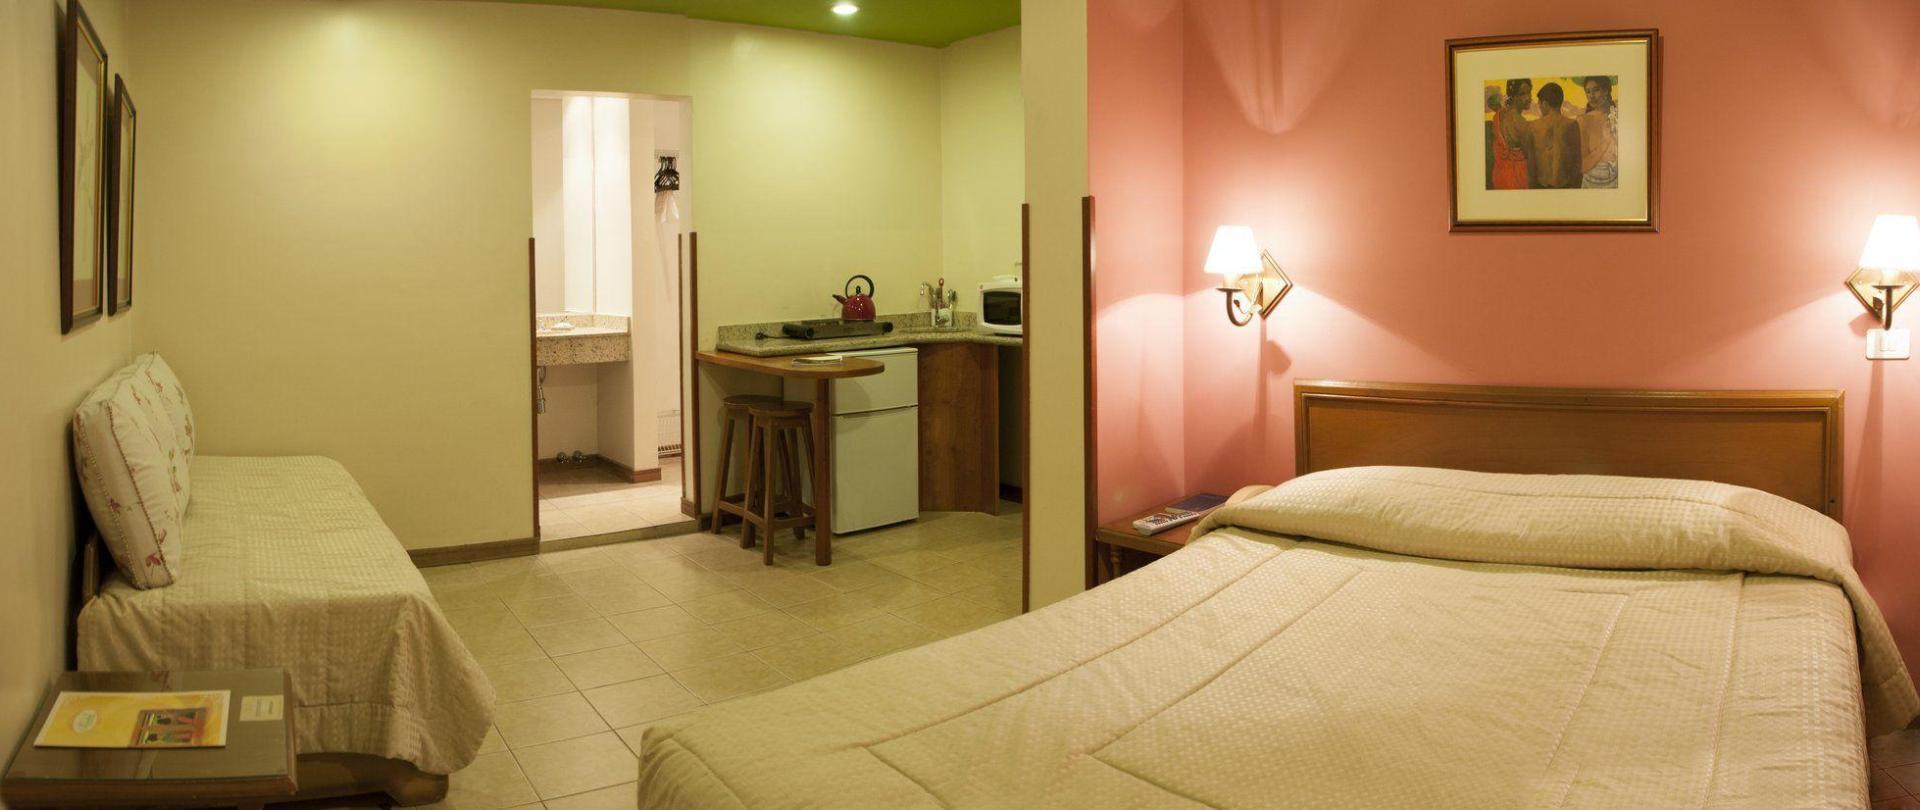 suite-11-2.jpg